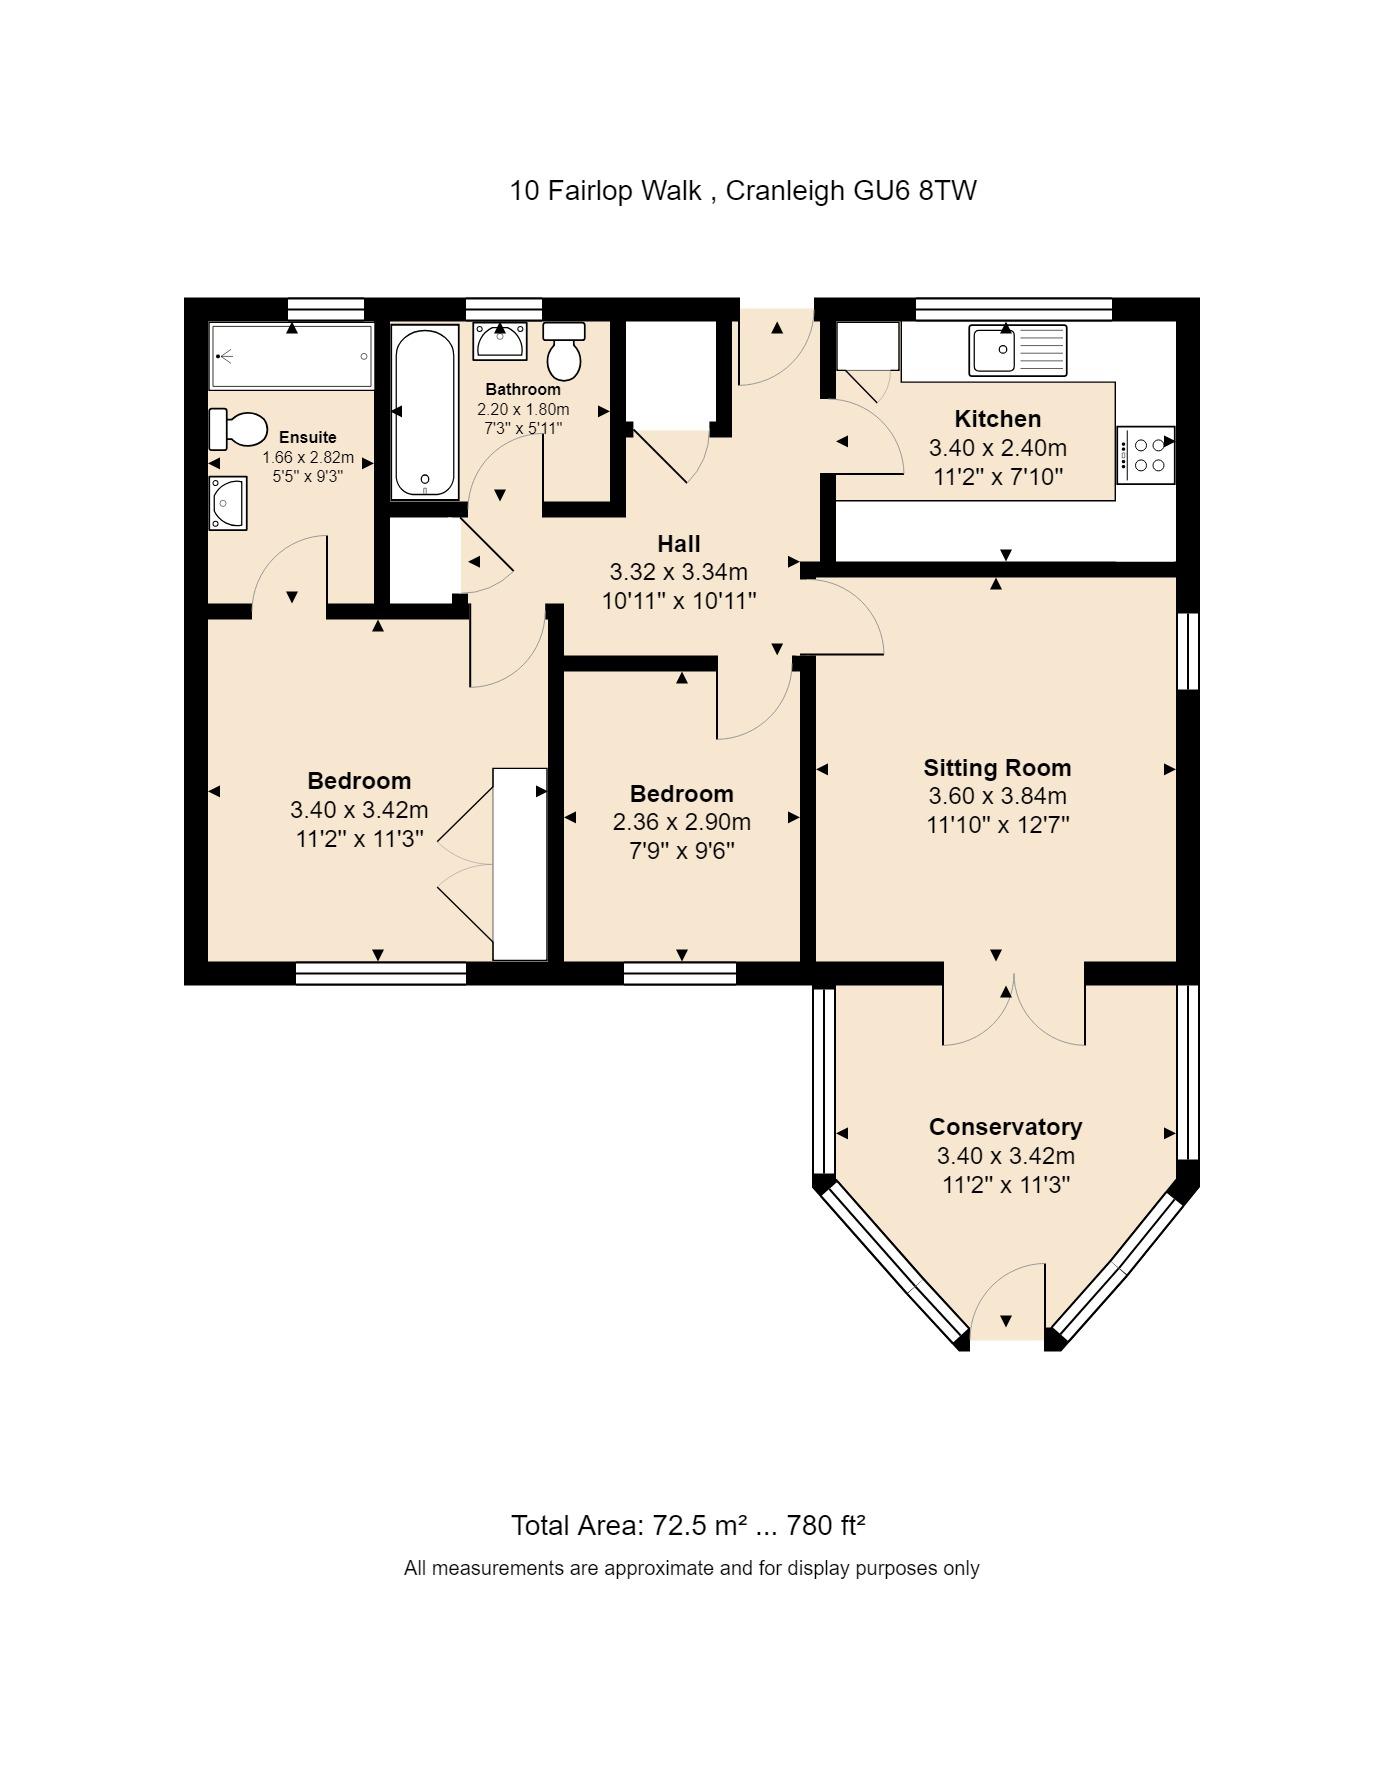 10 Fairlop Walk Floorplan